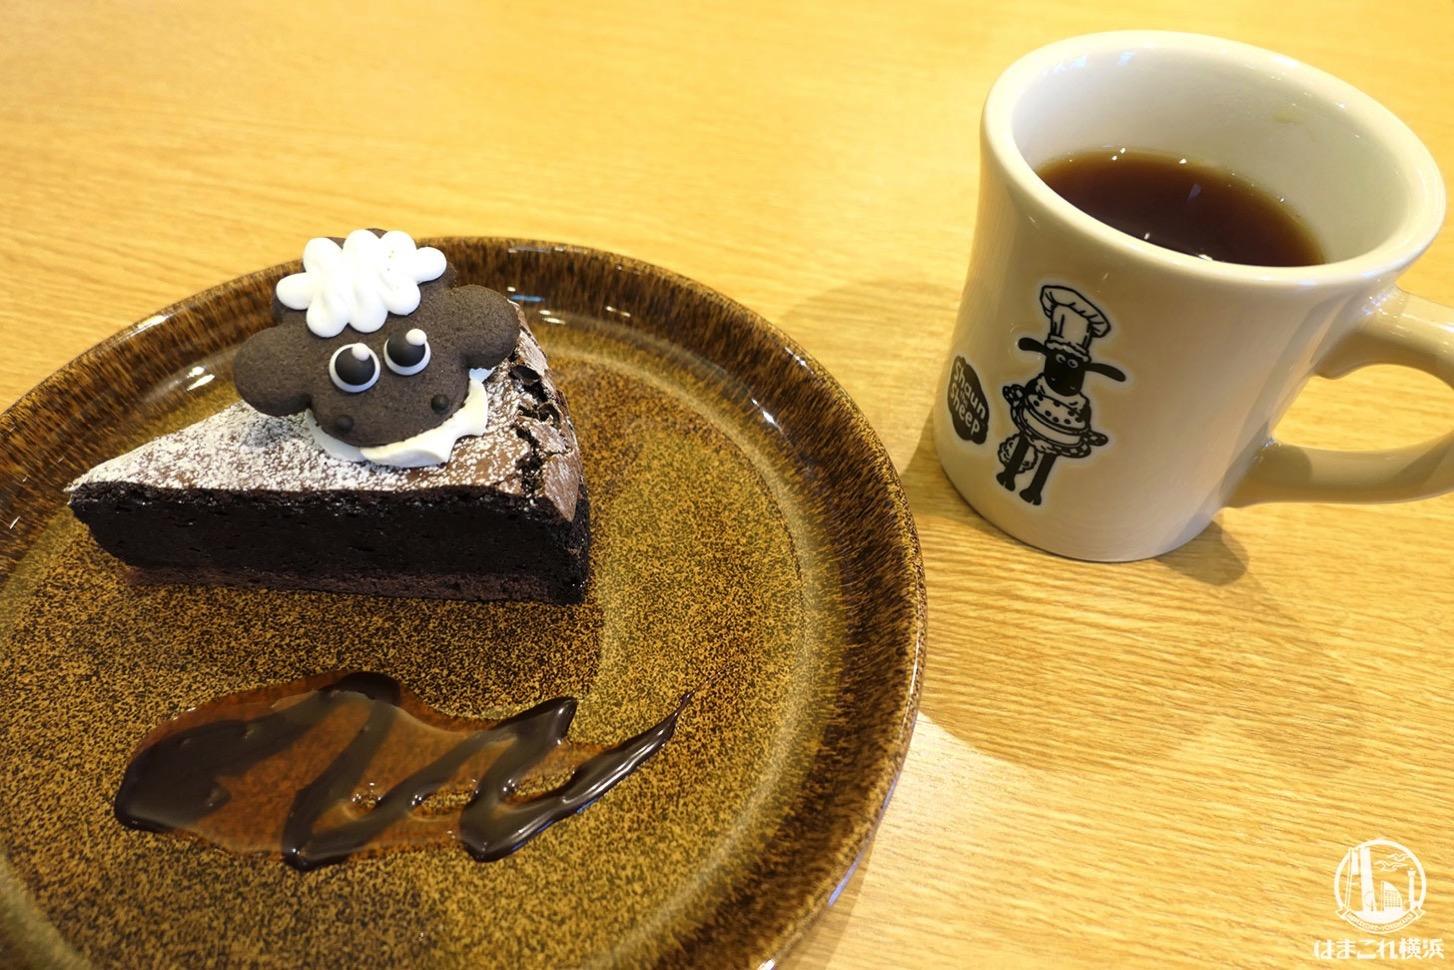 ひつじのショーンカフェ南町田、店内もメニューも可愛い!予約なしで整理券で待ってみた